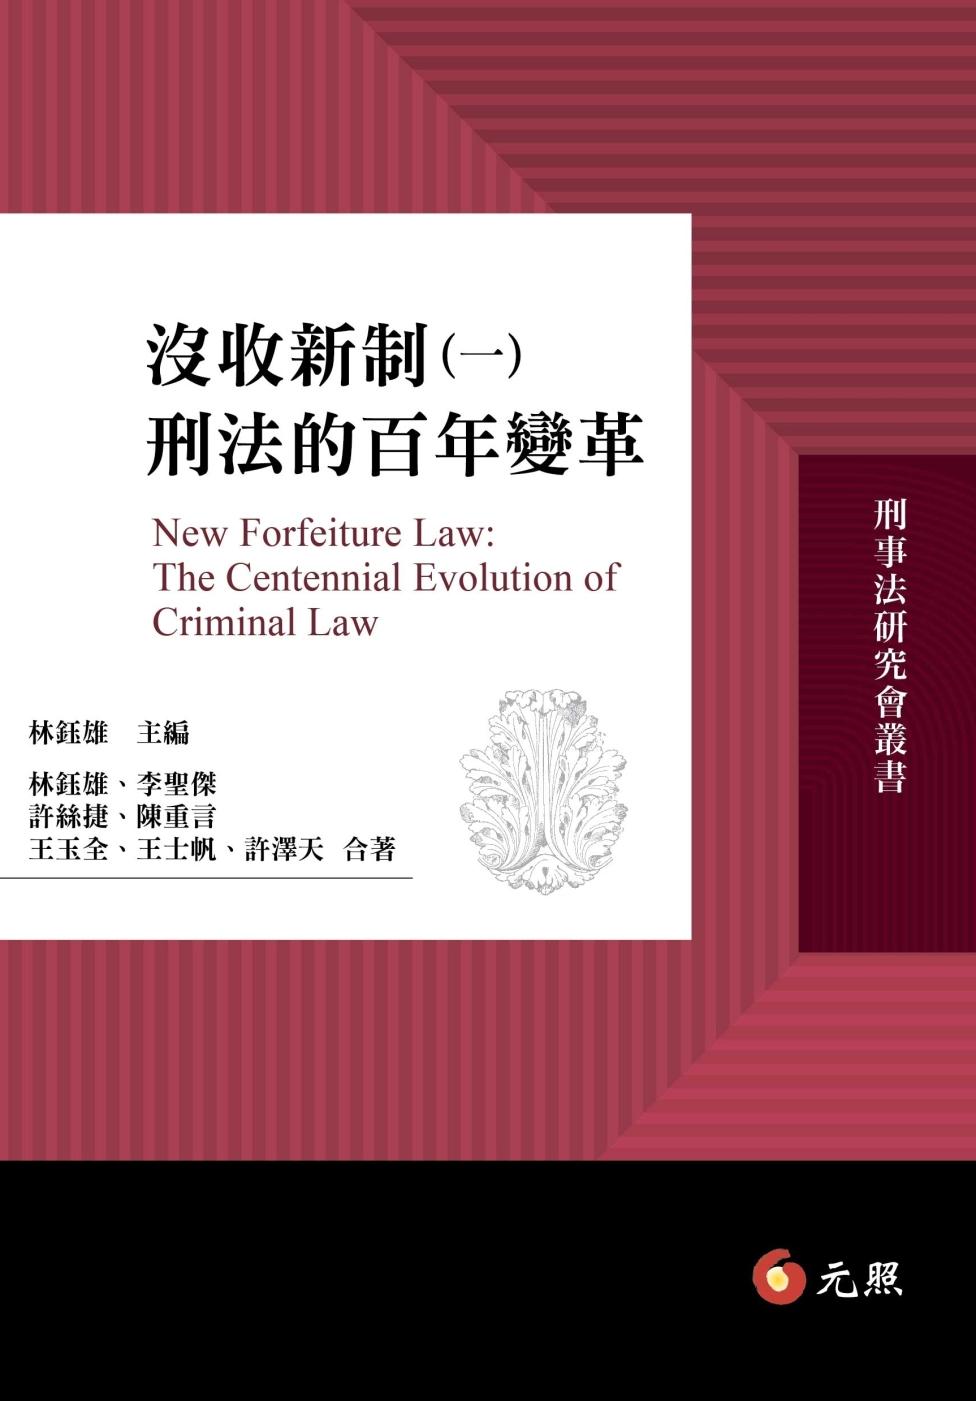 沒收新制(一):刑法的百年變革